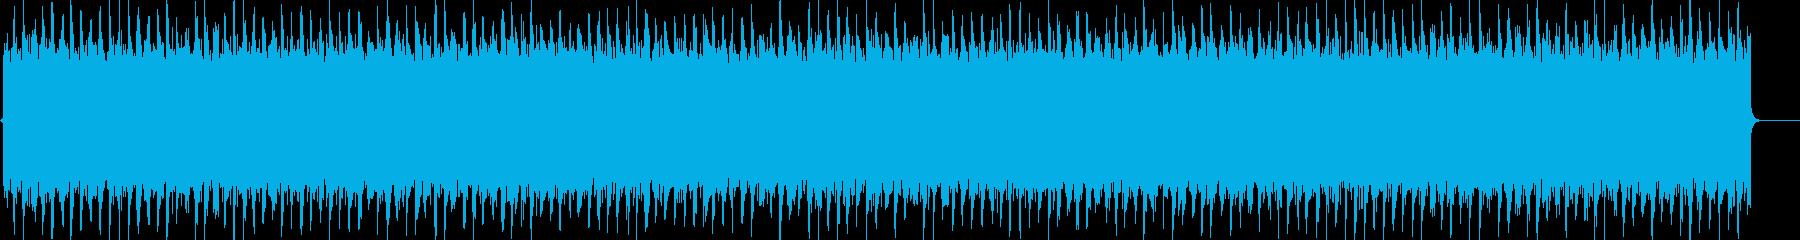 えぐいノイズの再生済みの波形